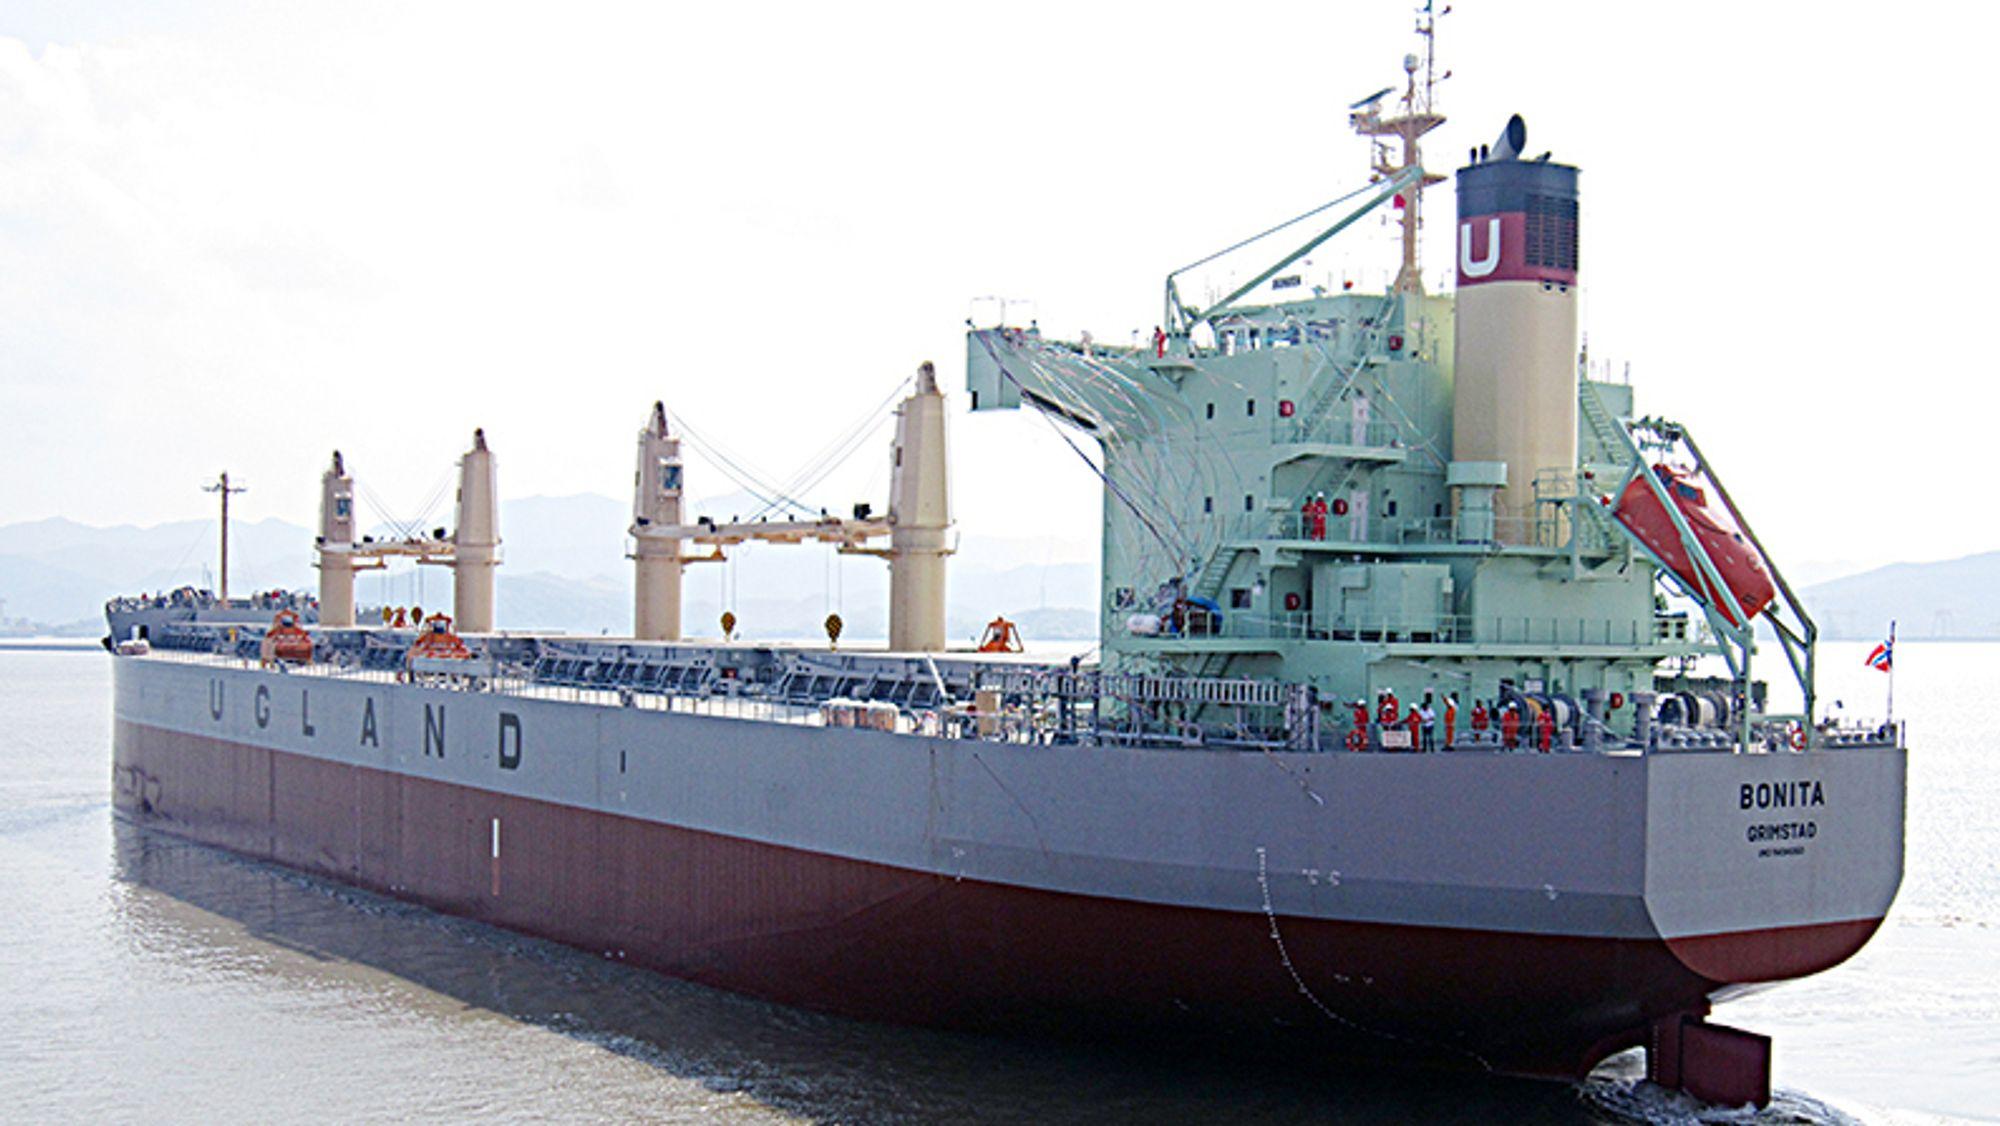 Arkivbilde av det norske skipet Bonita, som er eid av Ugland-rederiet og ble kapret utenfor Benin i Vest-Afrika.